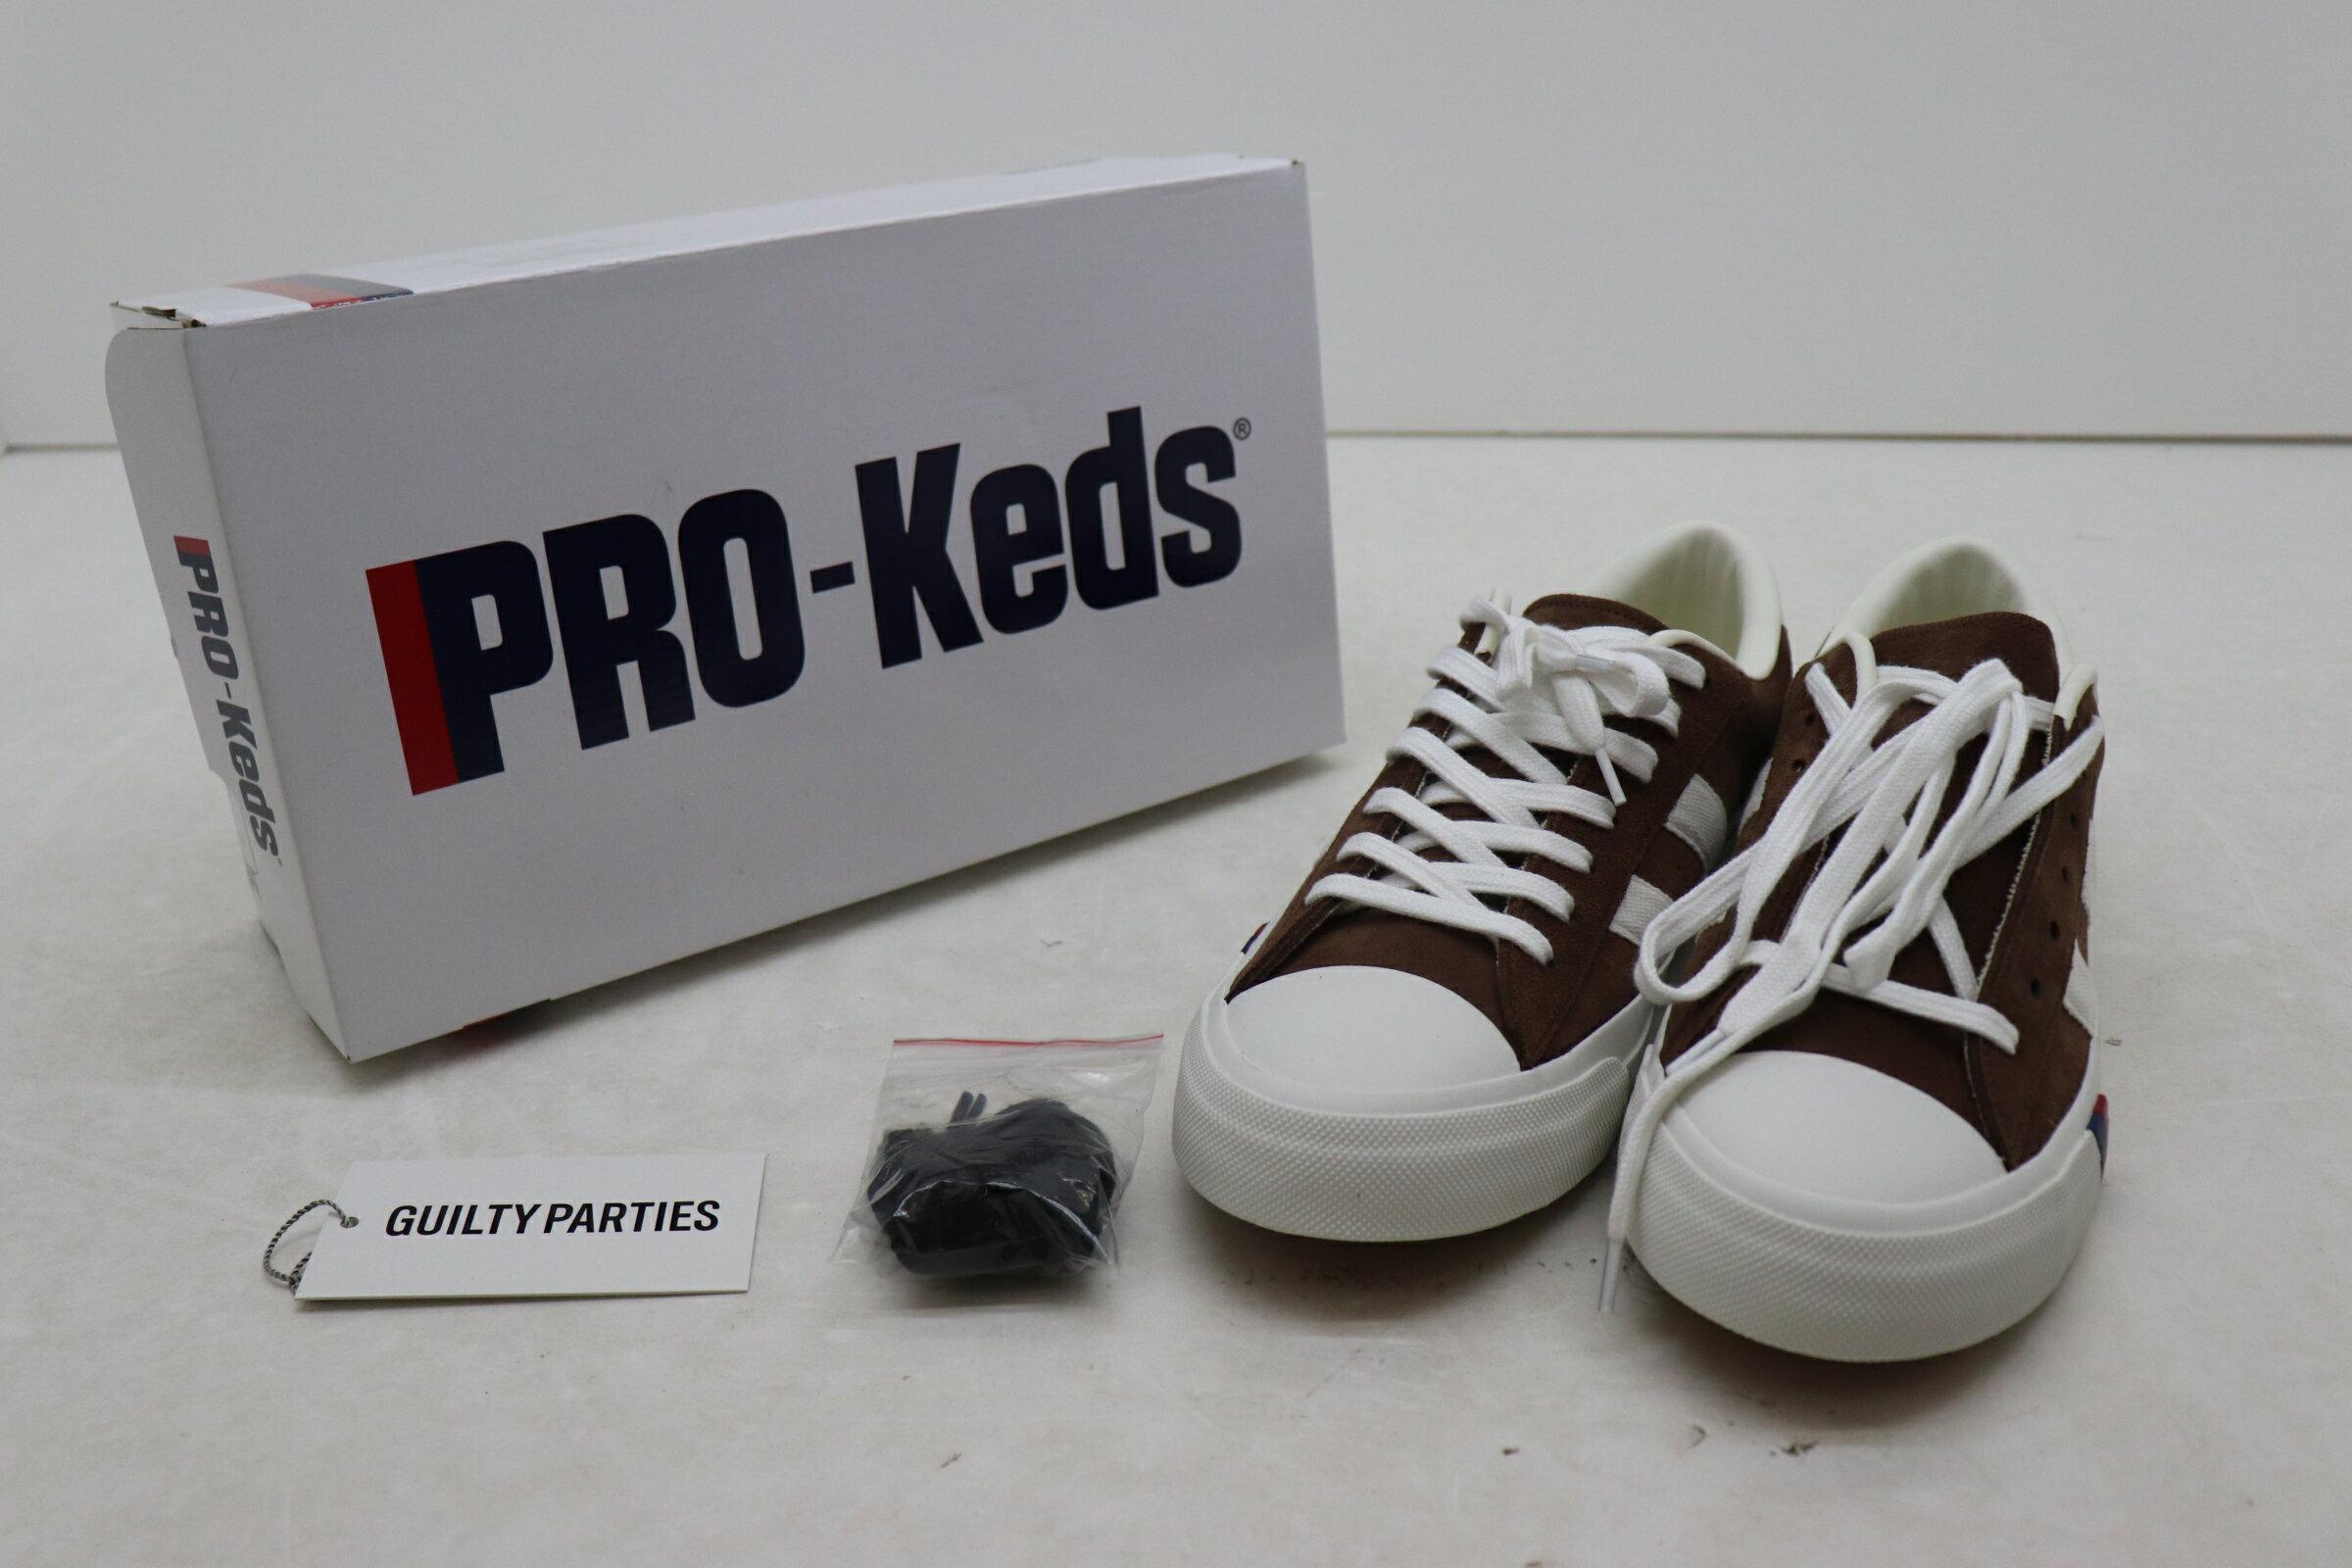 メンズ靴, スニーカー WACKO MARIA PRO-Keds Royal Plus BROWN PROKEDS-WM-SH01 20SS 28cm 7700171Kz